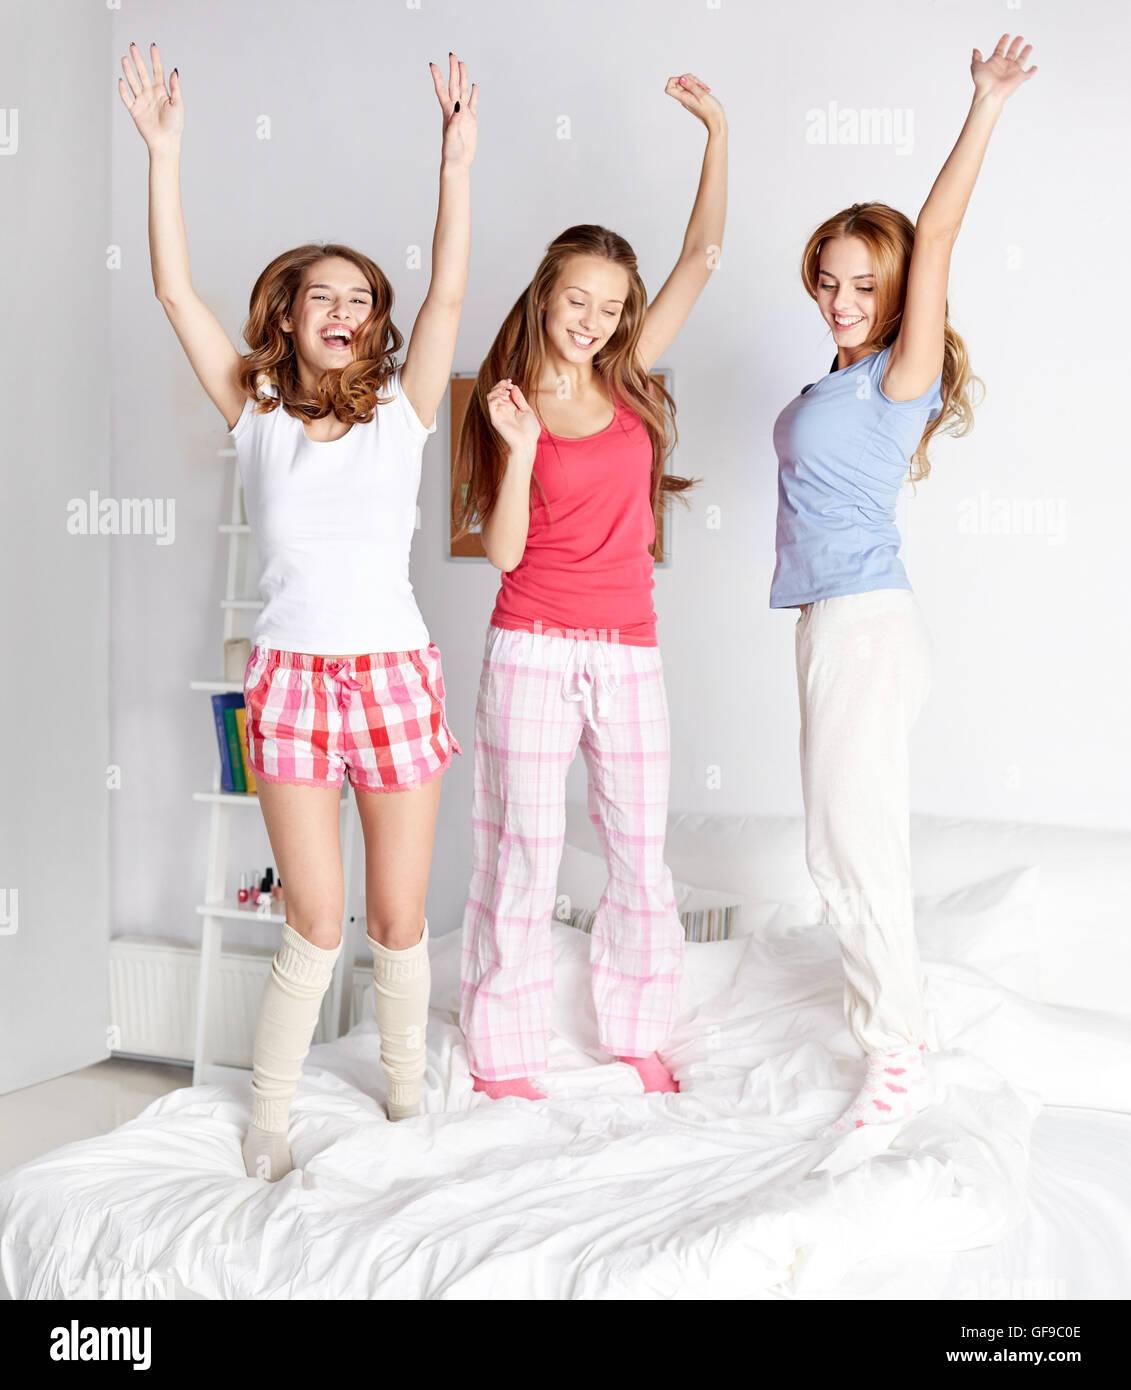 Teen girls having fun in bed